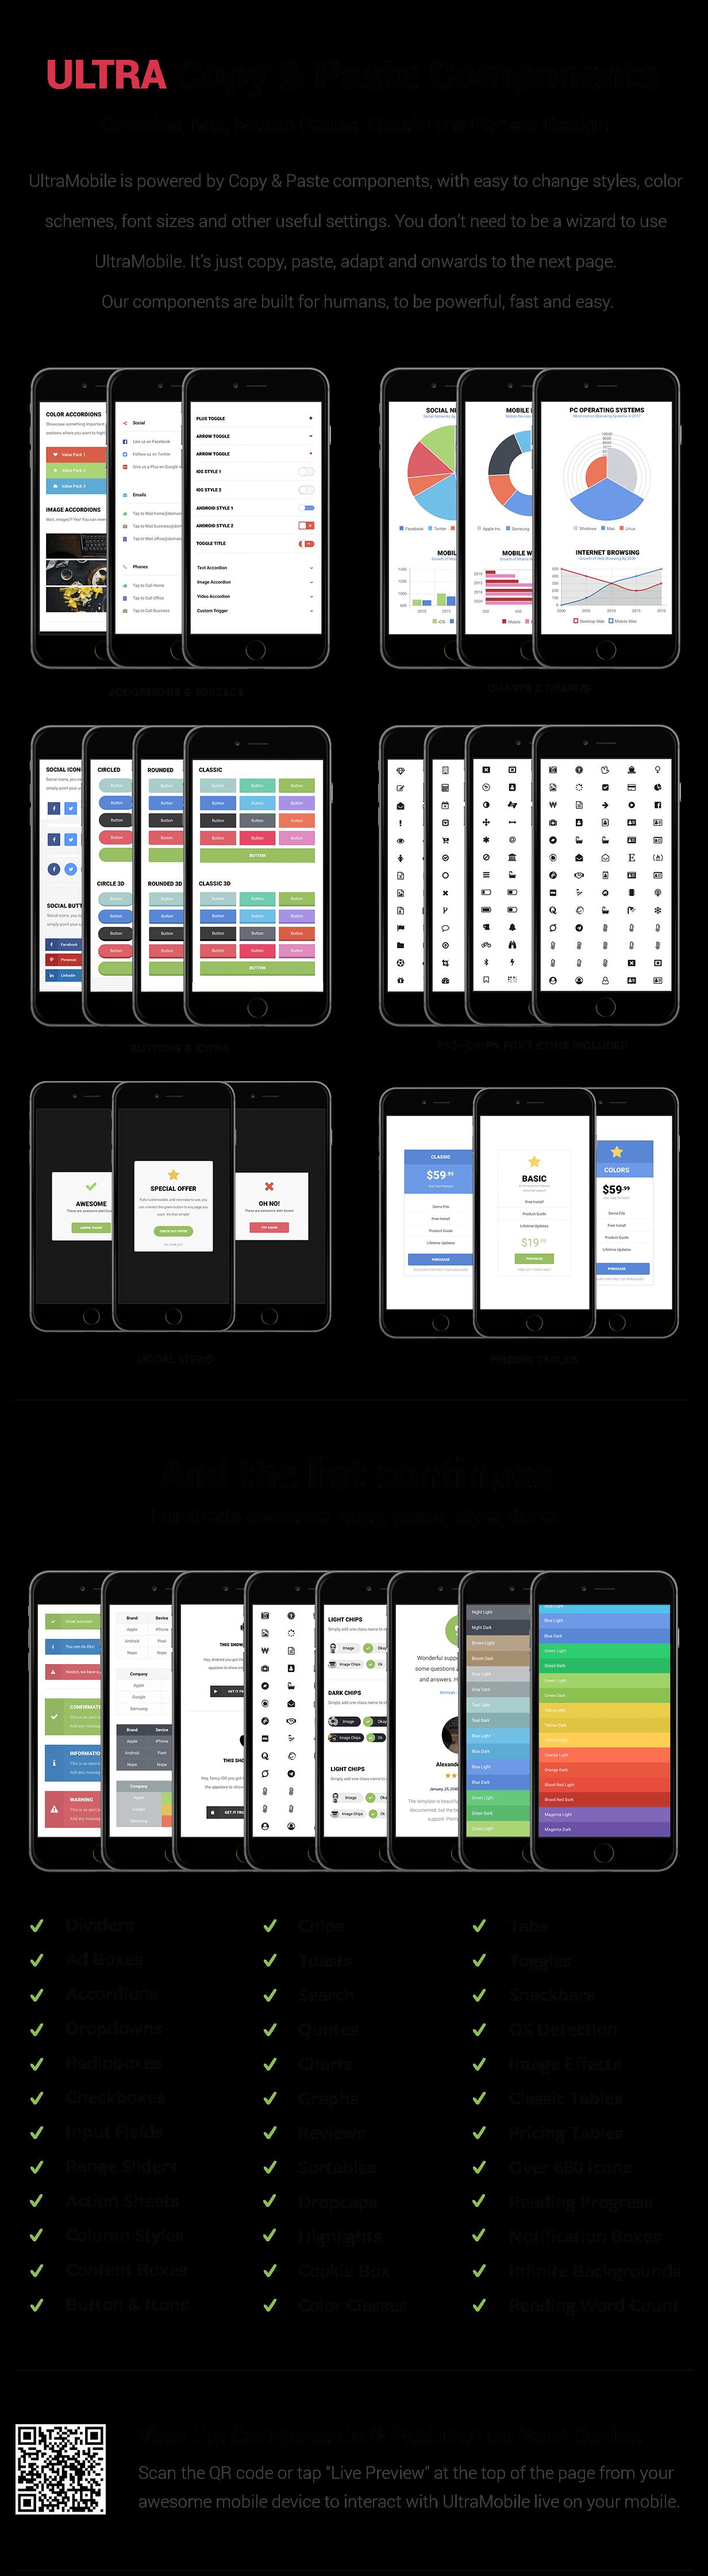 UltraMobile | PhoneGap & Cordova Mobile App - 13